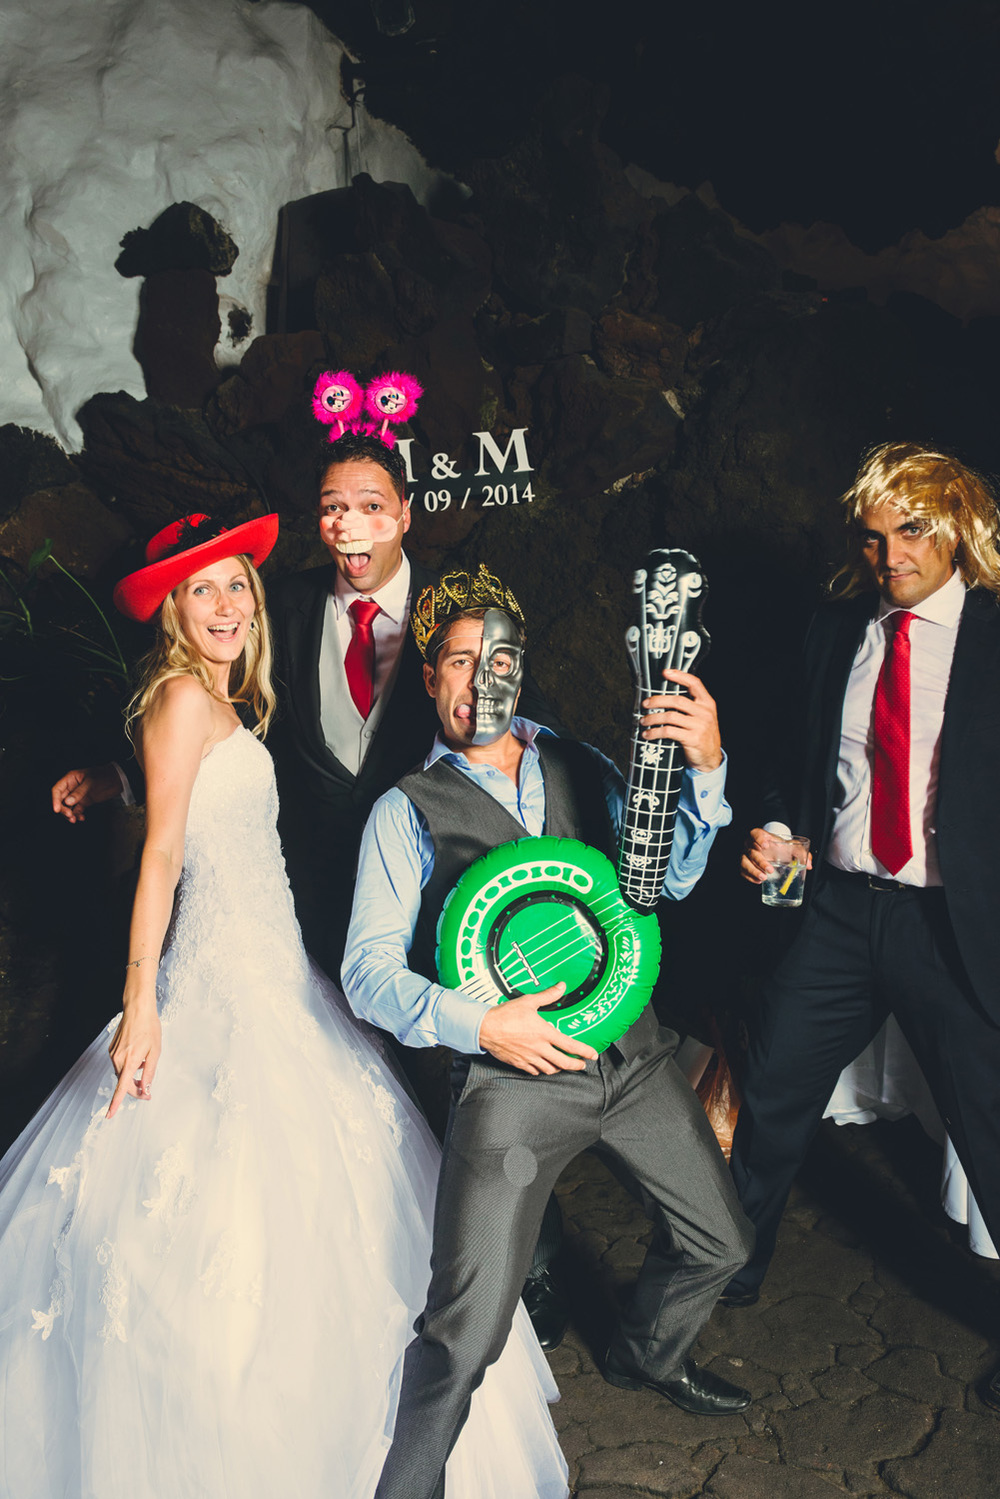 Wedding-jameos-lanzarote-144.jpg